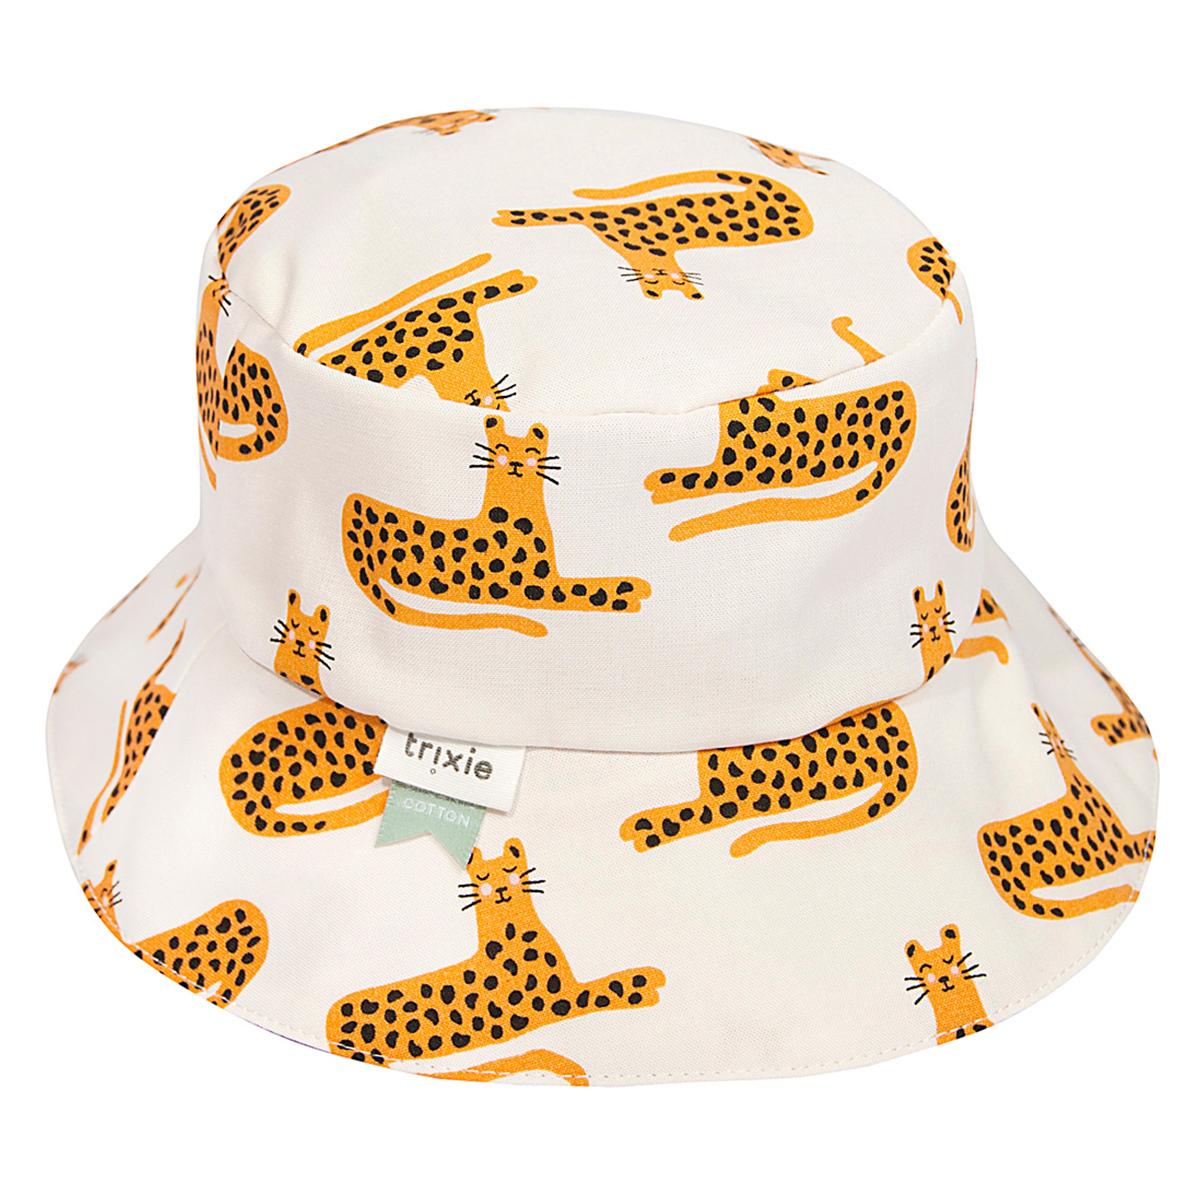 Accessoires bébé Chapeau de Soleil Cheetah - 6 Mois Chapeau de Soleil Cheetah - 6 Mois